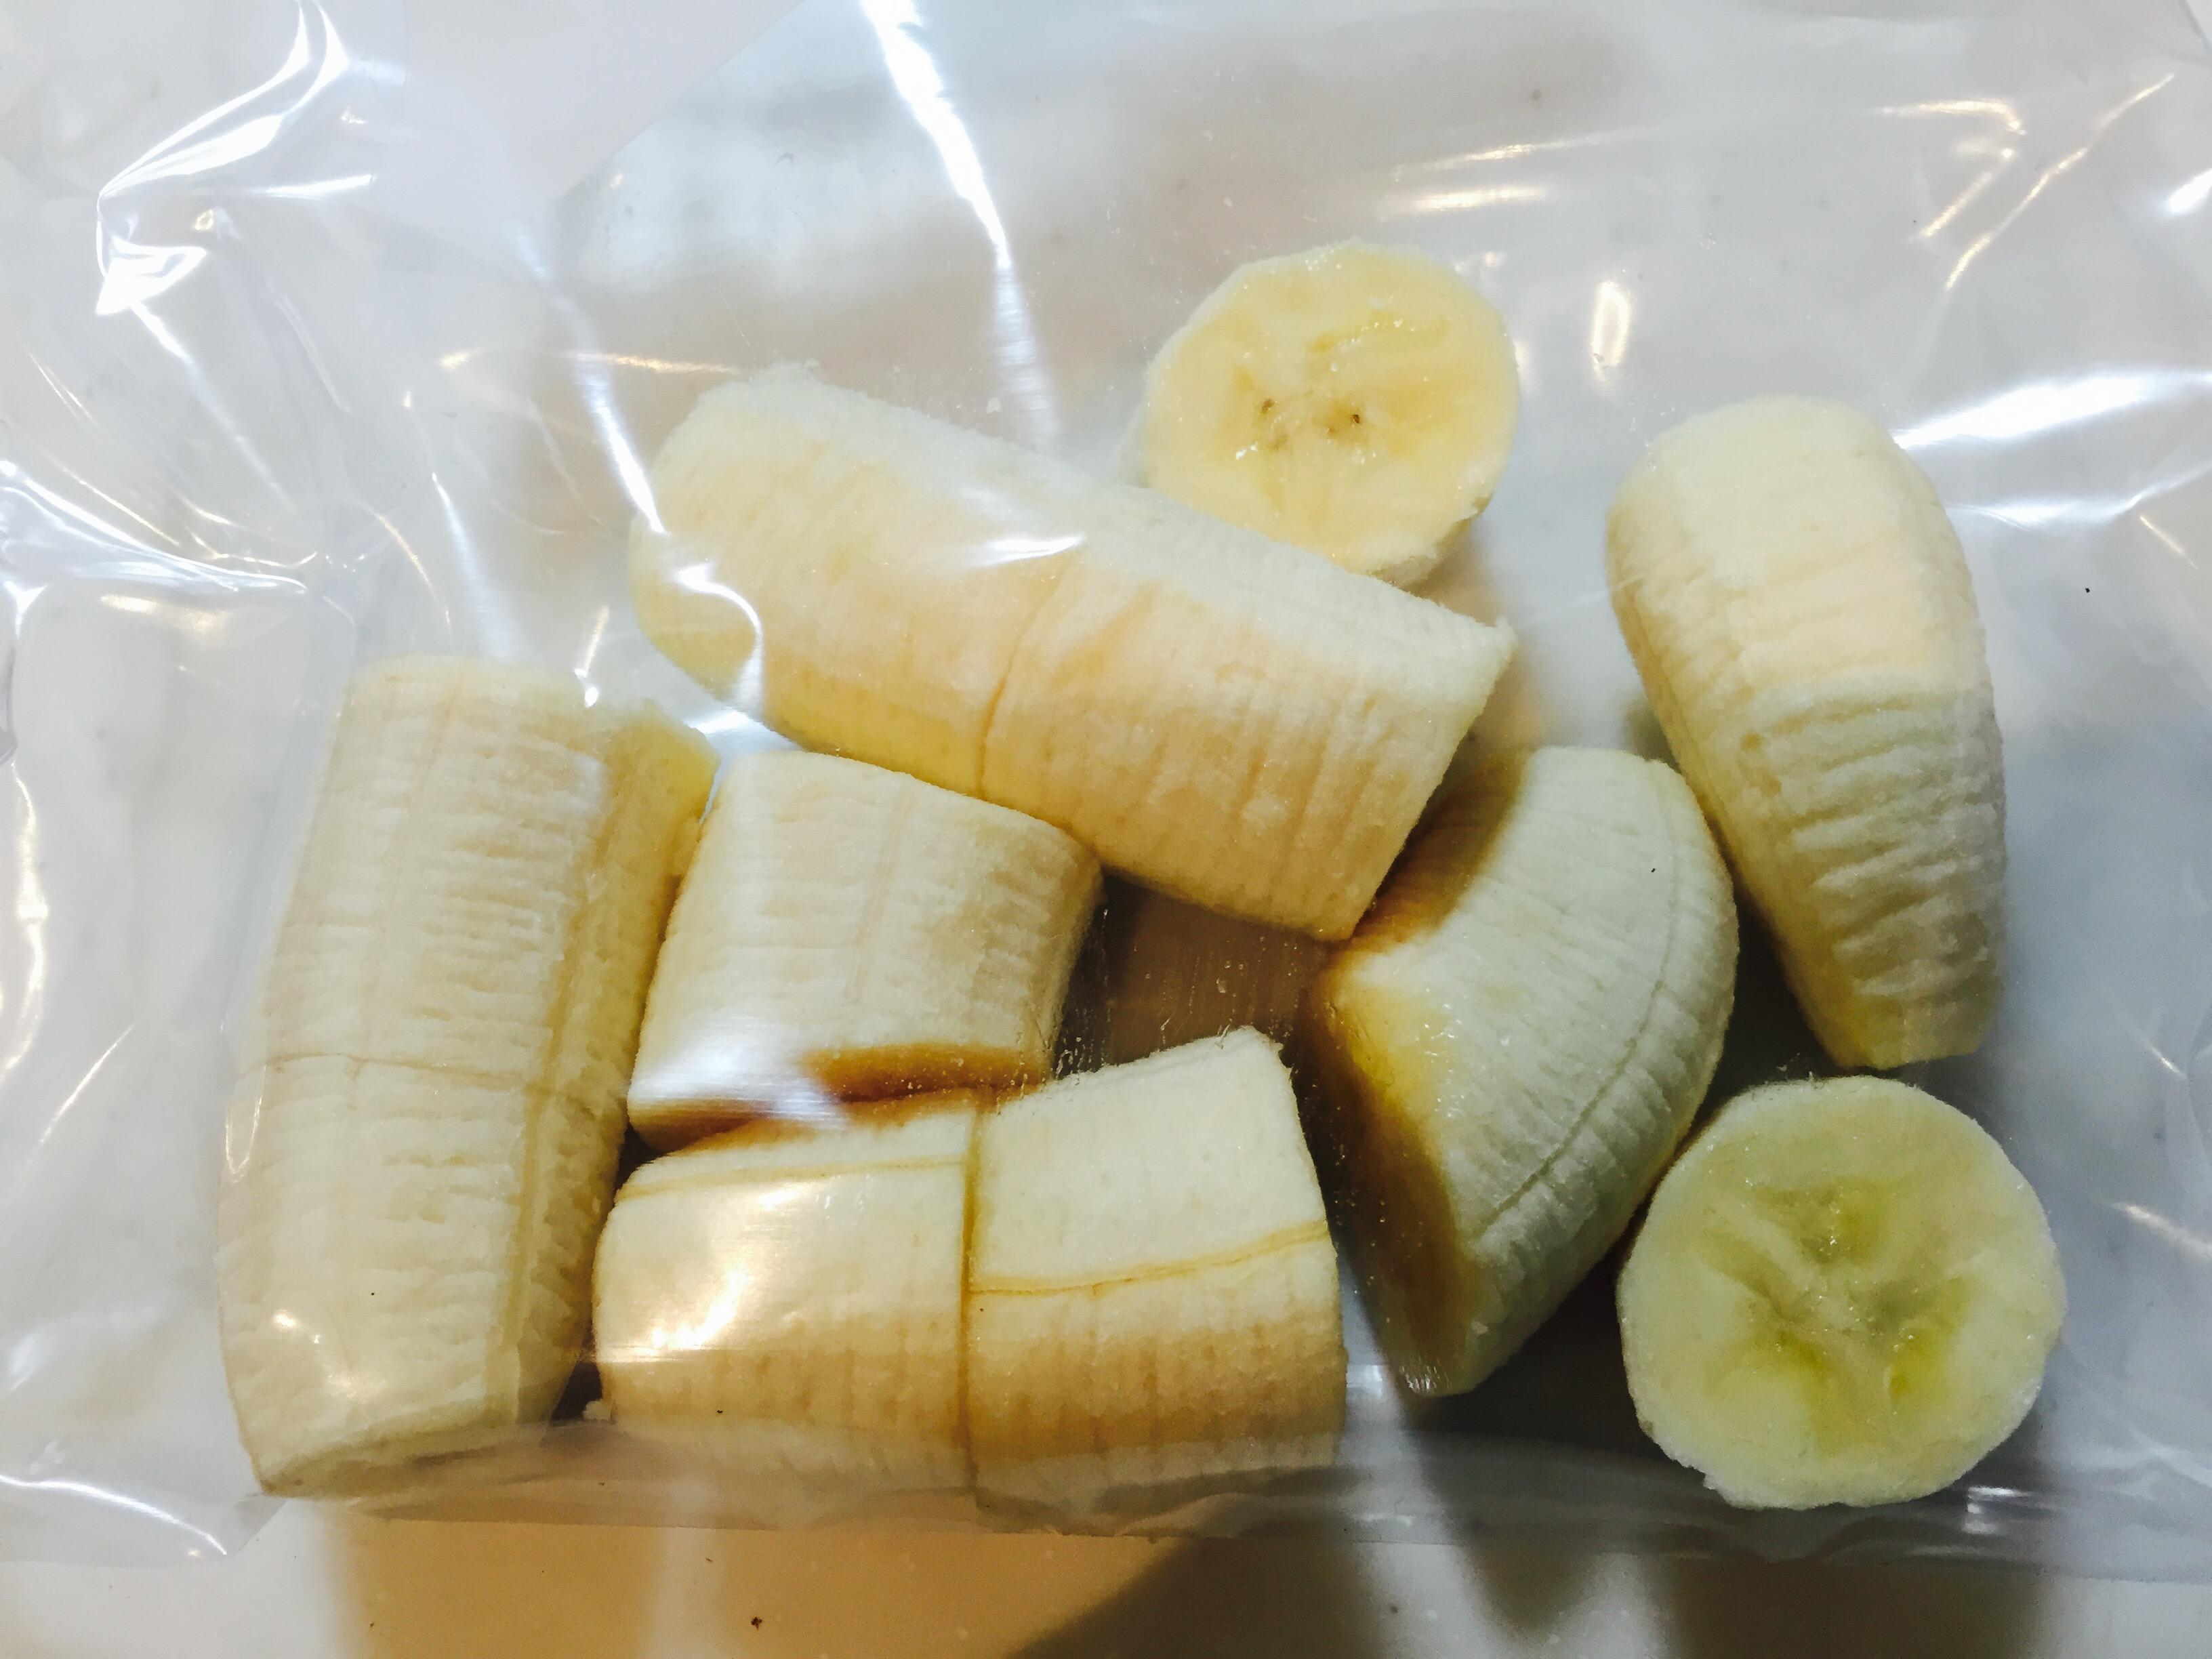 シップロックにカットしたバナナを入れる